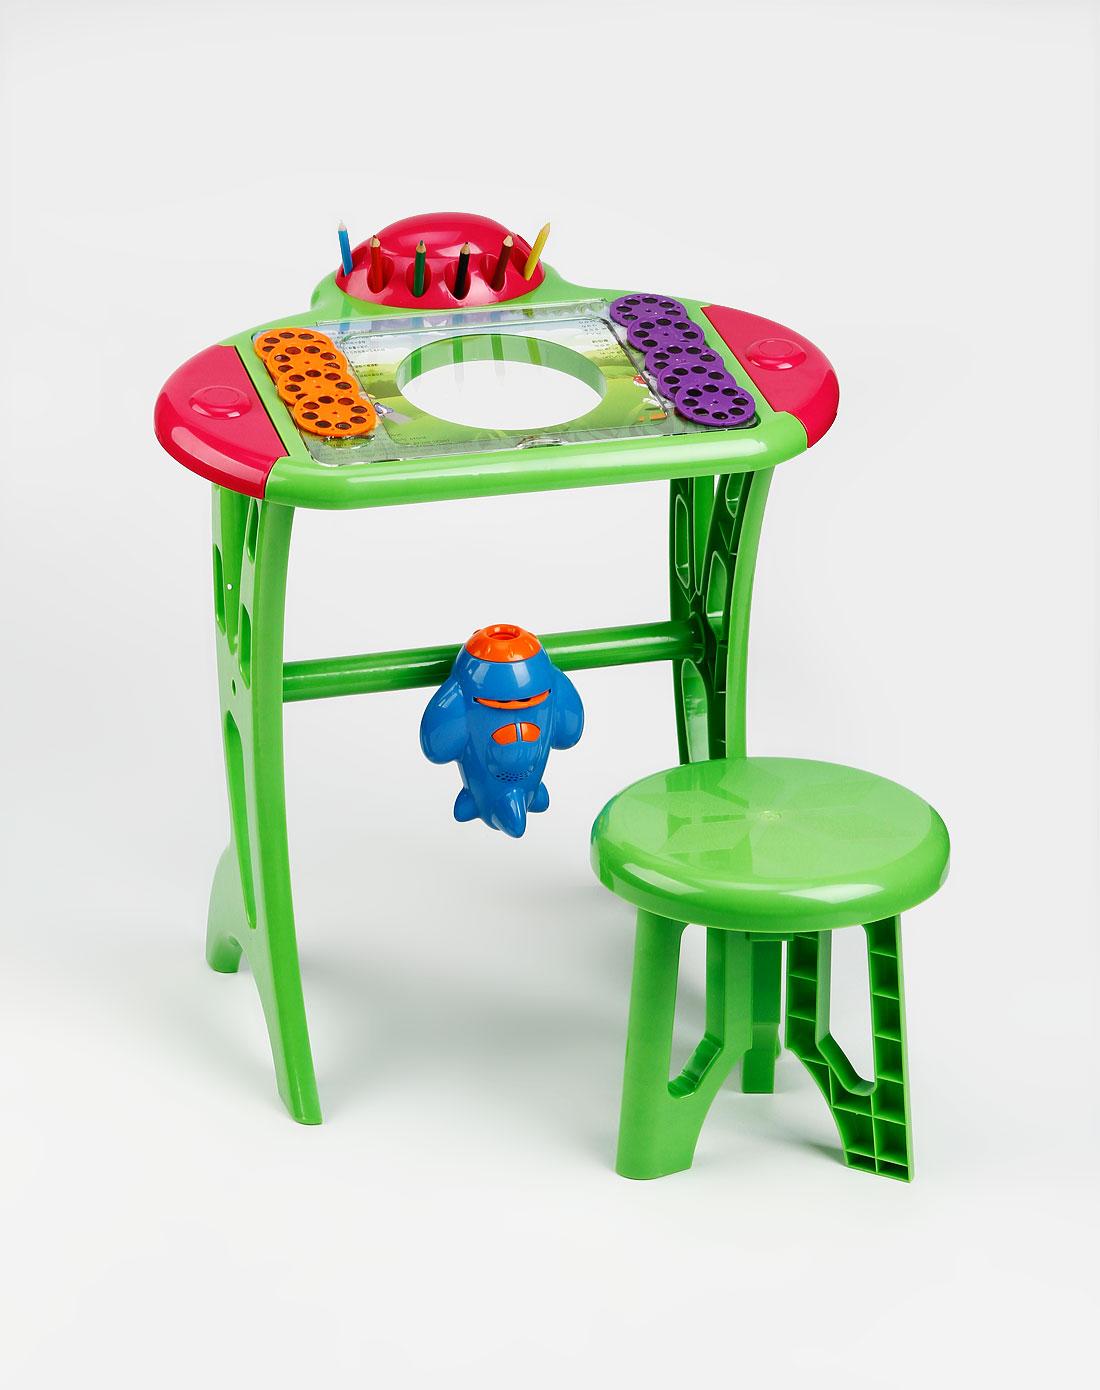 儿童学习天地儿童画画桌/投影乐